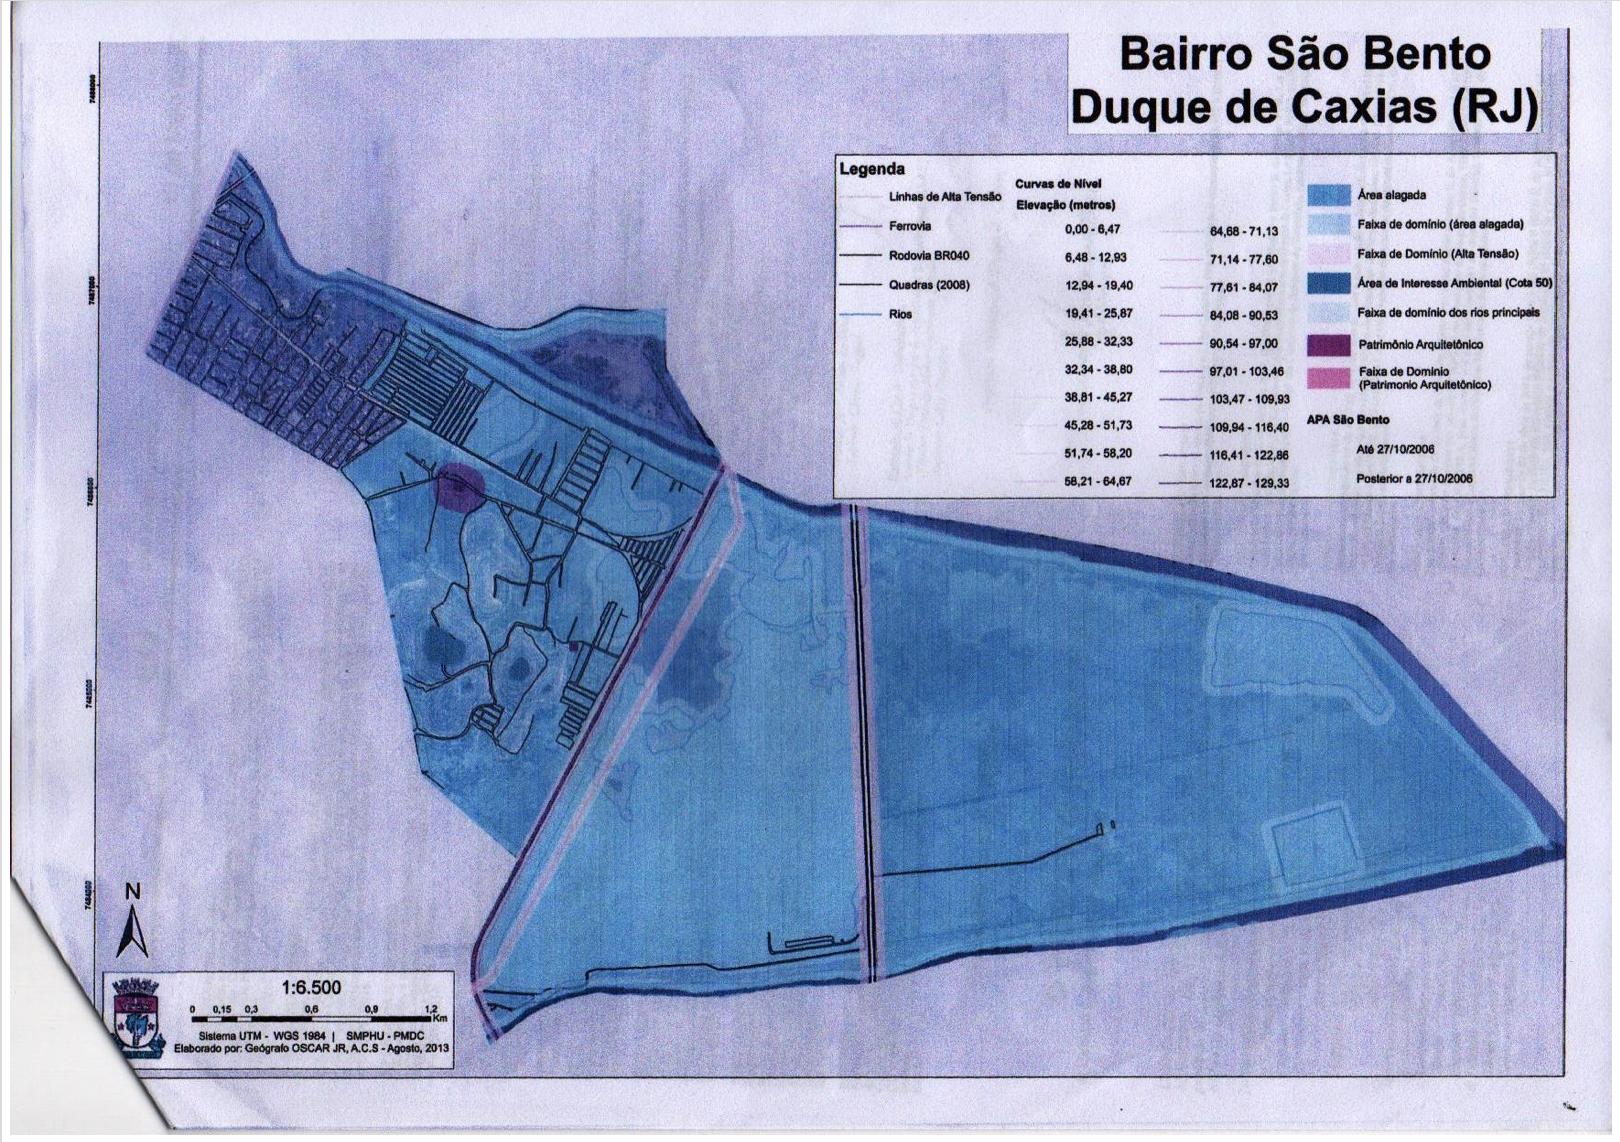 Mapas de APA en São Bento.